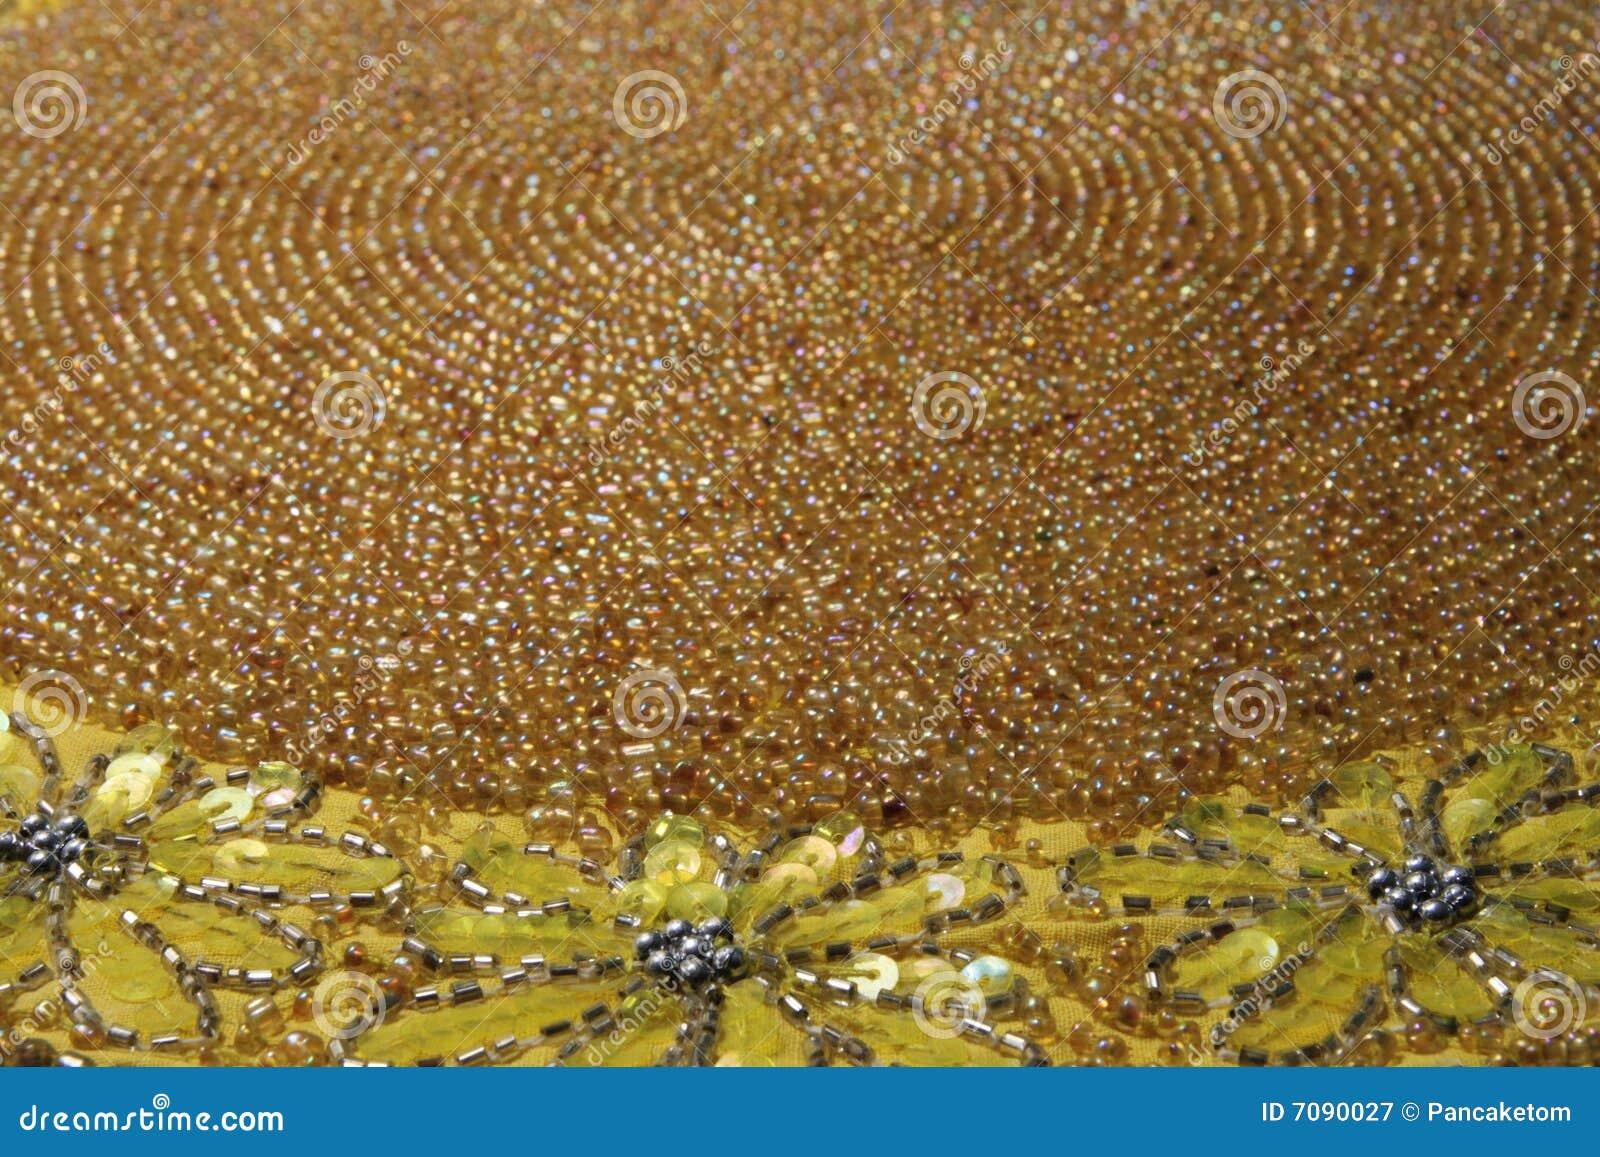 Antikviteten prydde med pärlor mattt